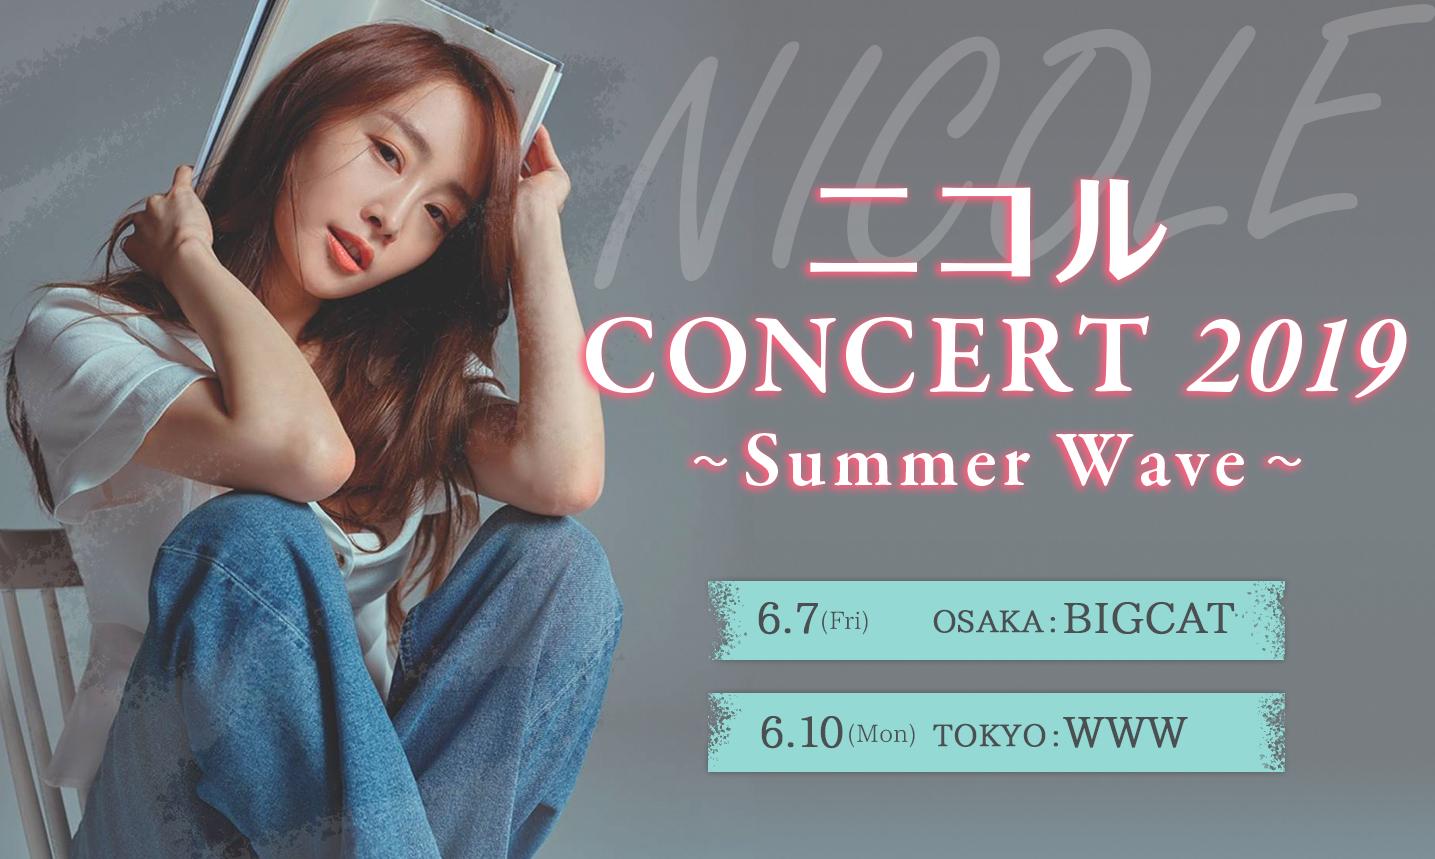 ニコル CONCERT 2019〜Summer Wave 〜